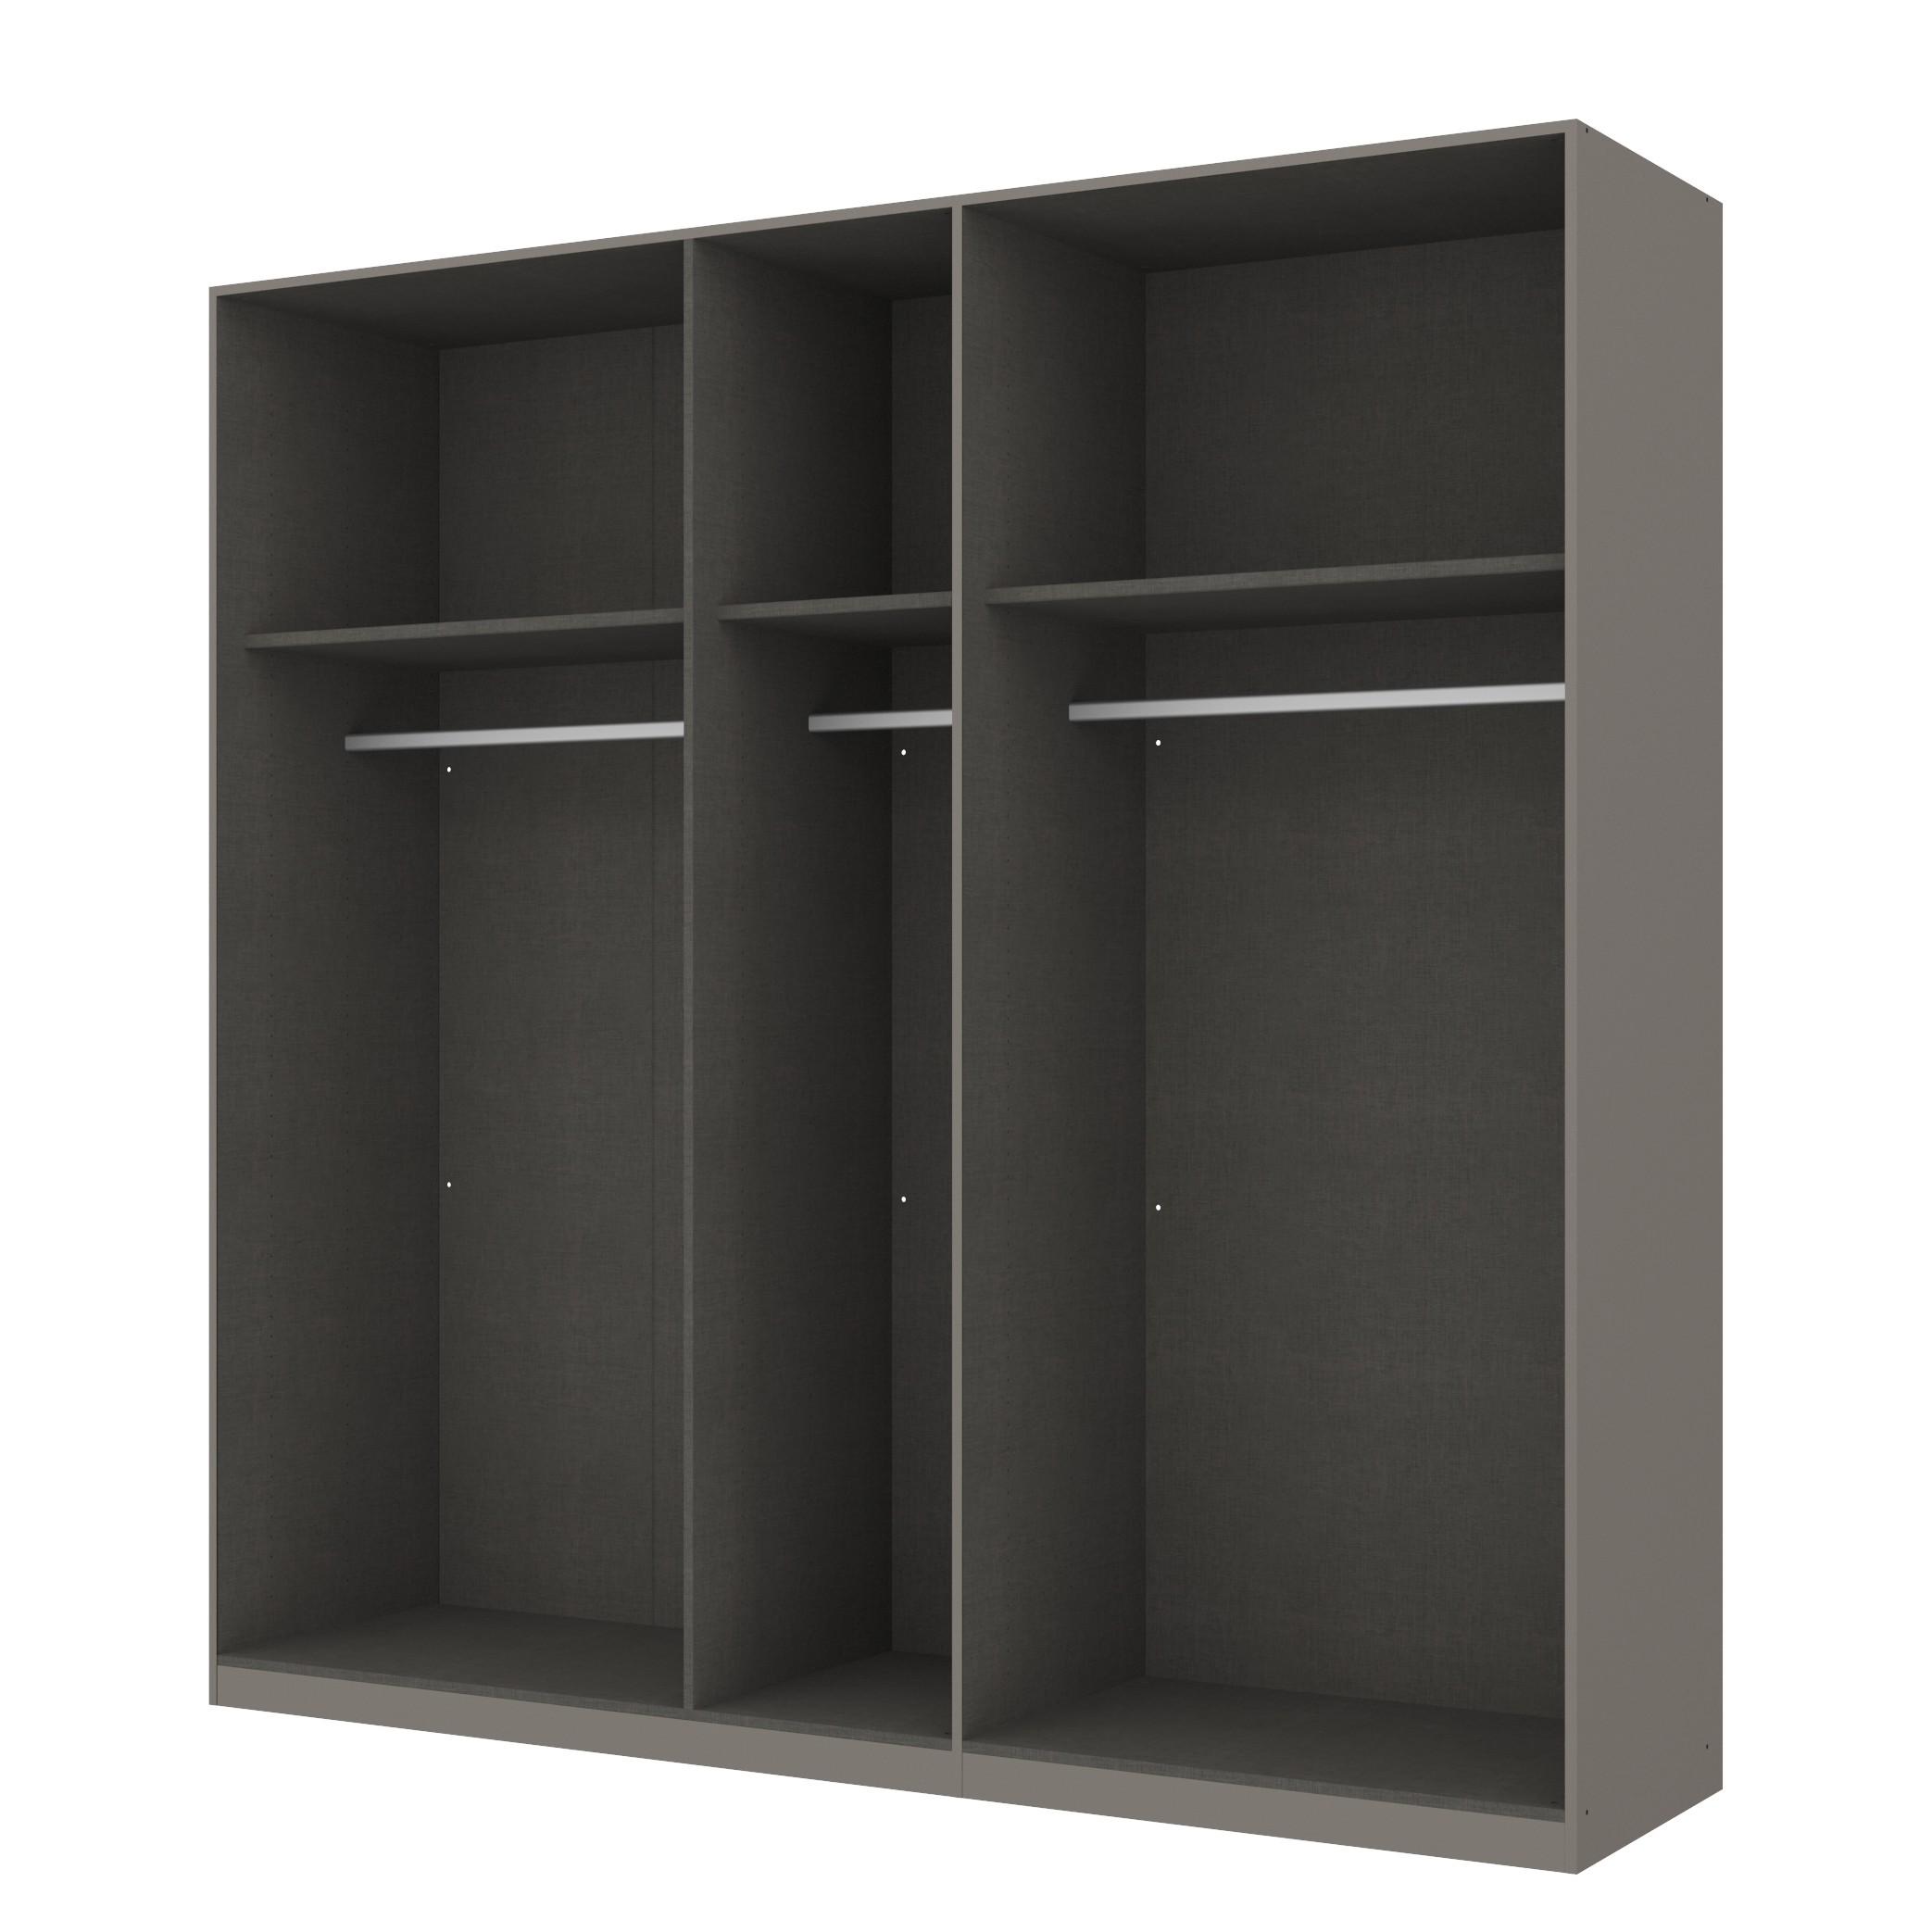 goedkoop Draaideurkast Skøp grafietkleurig open 225cm 5 deurs 222cm Comfort Skop